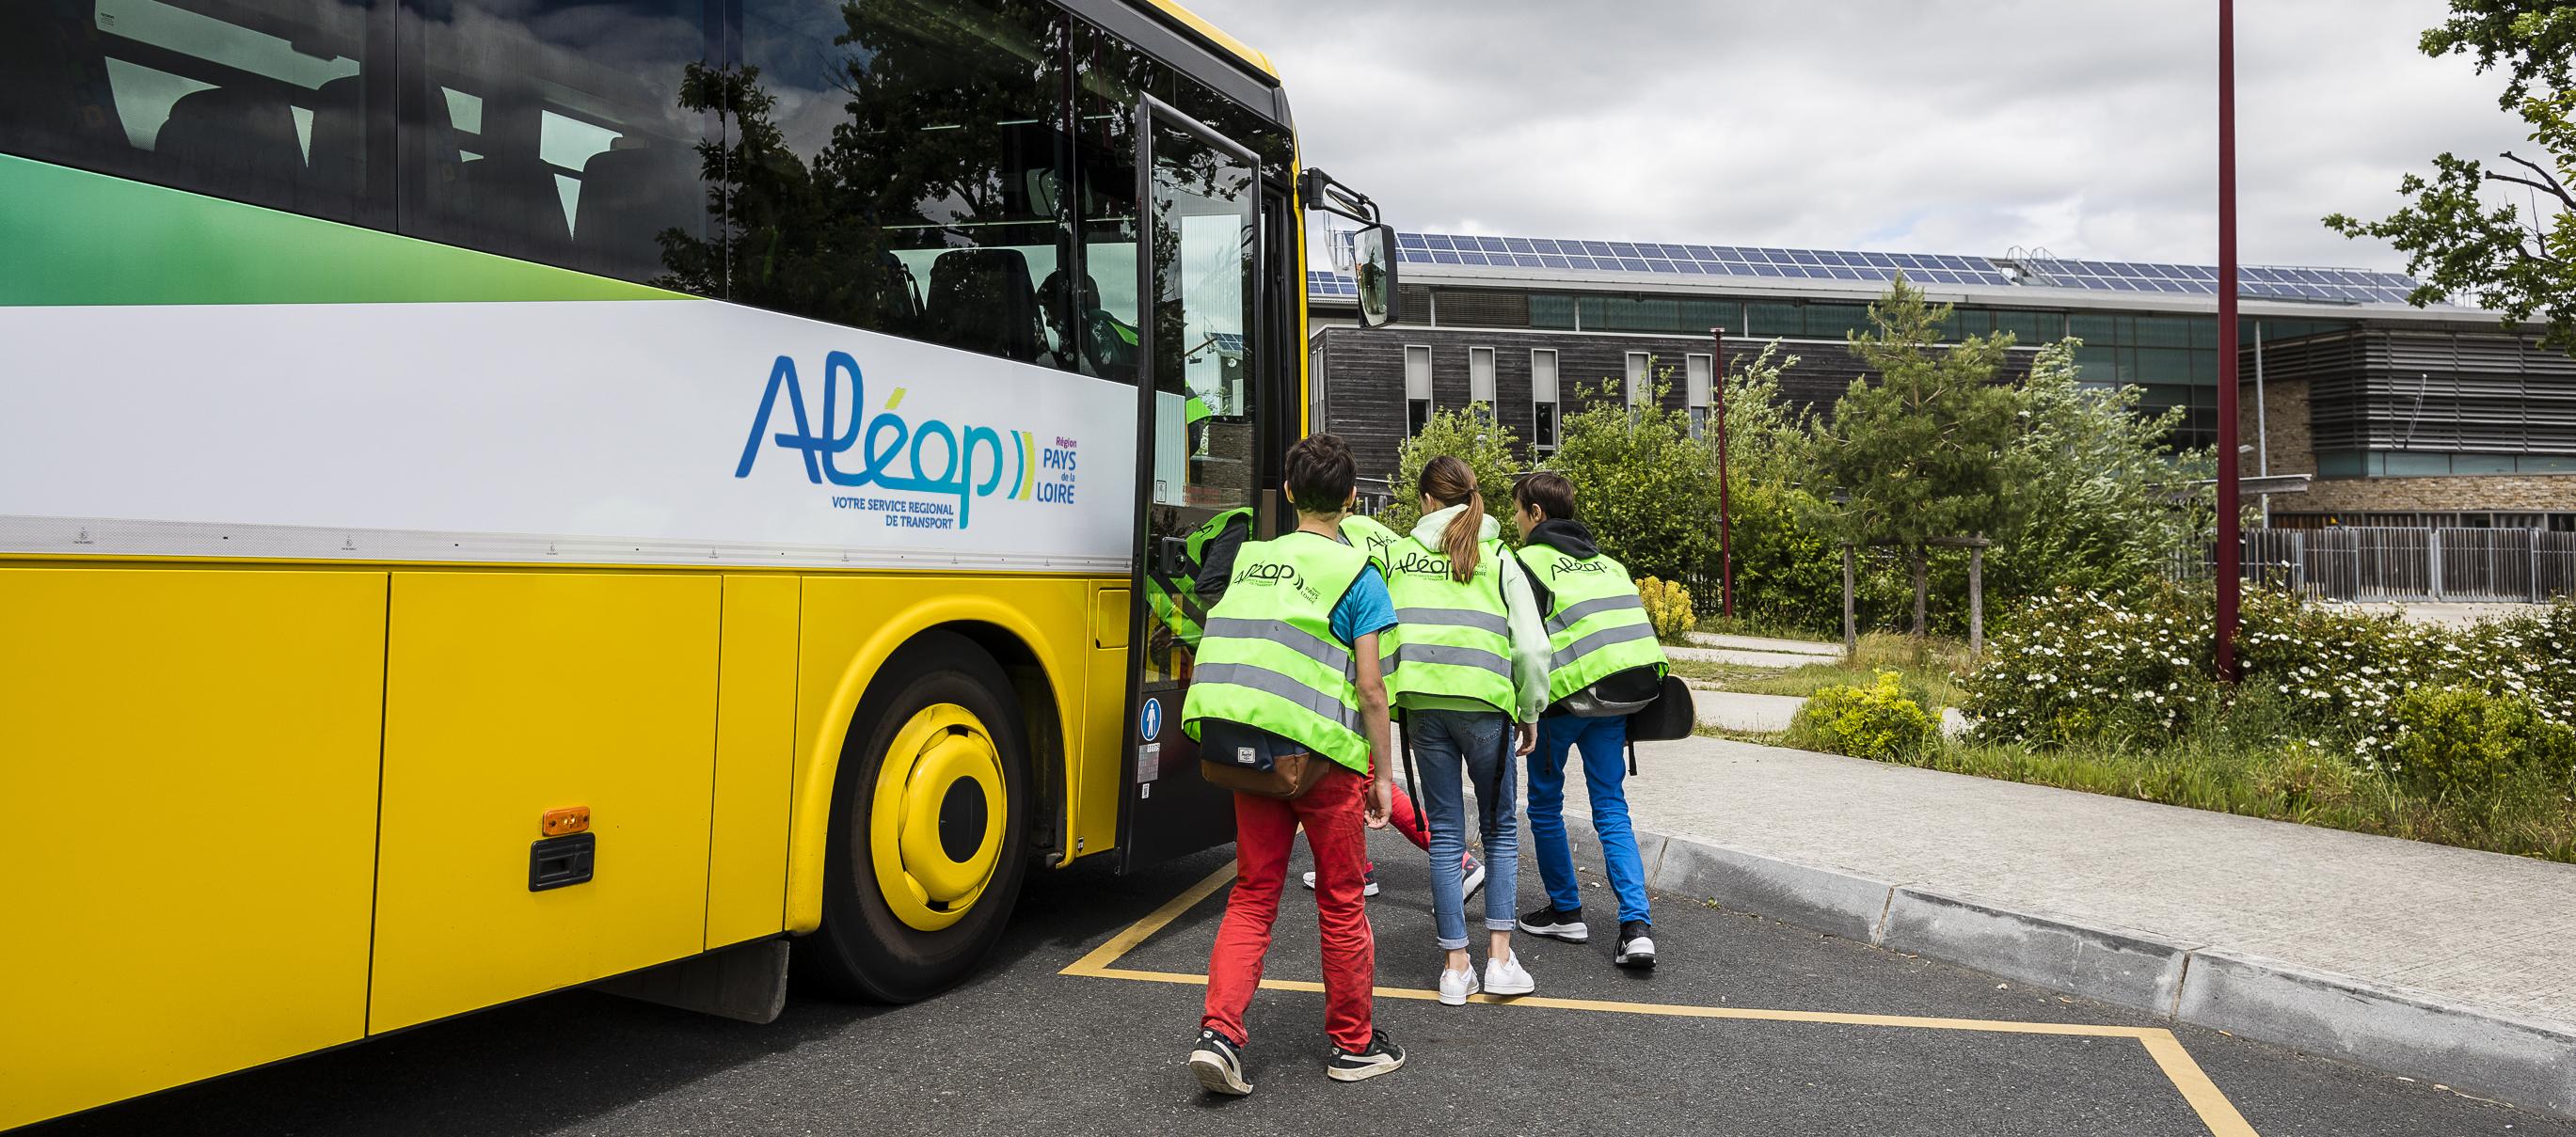 transports scolaires aleop de la region des pays de la loire